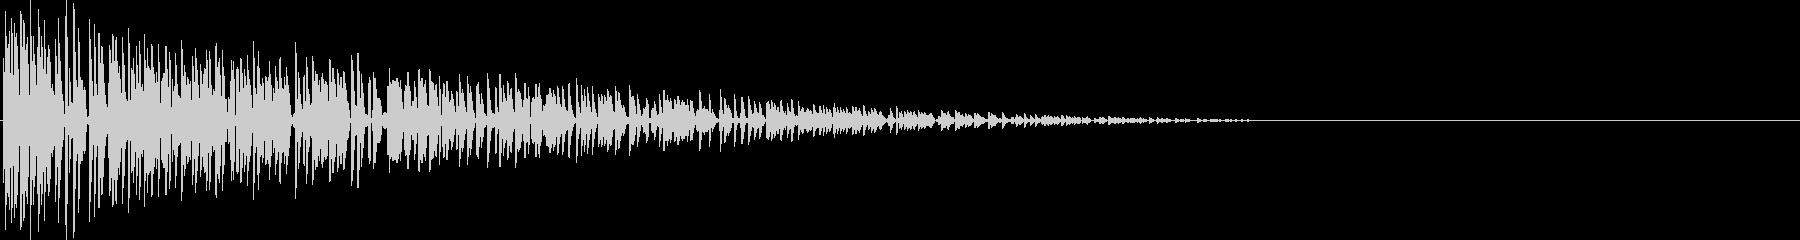 ファミコン風 バーン(爆弾が爆発する音)の未再生の波形